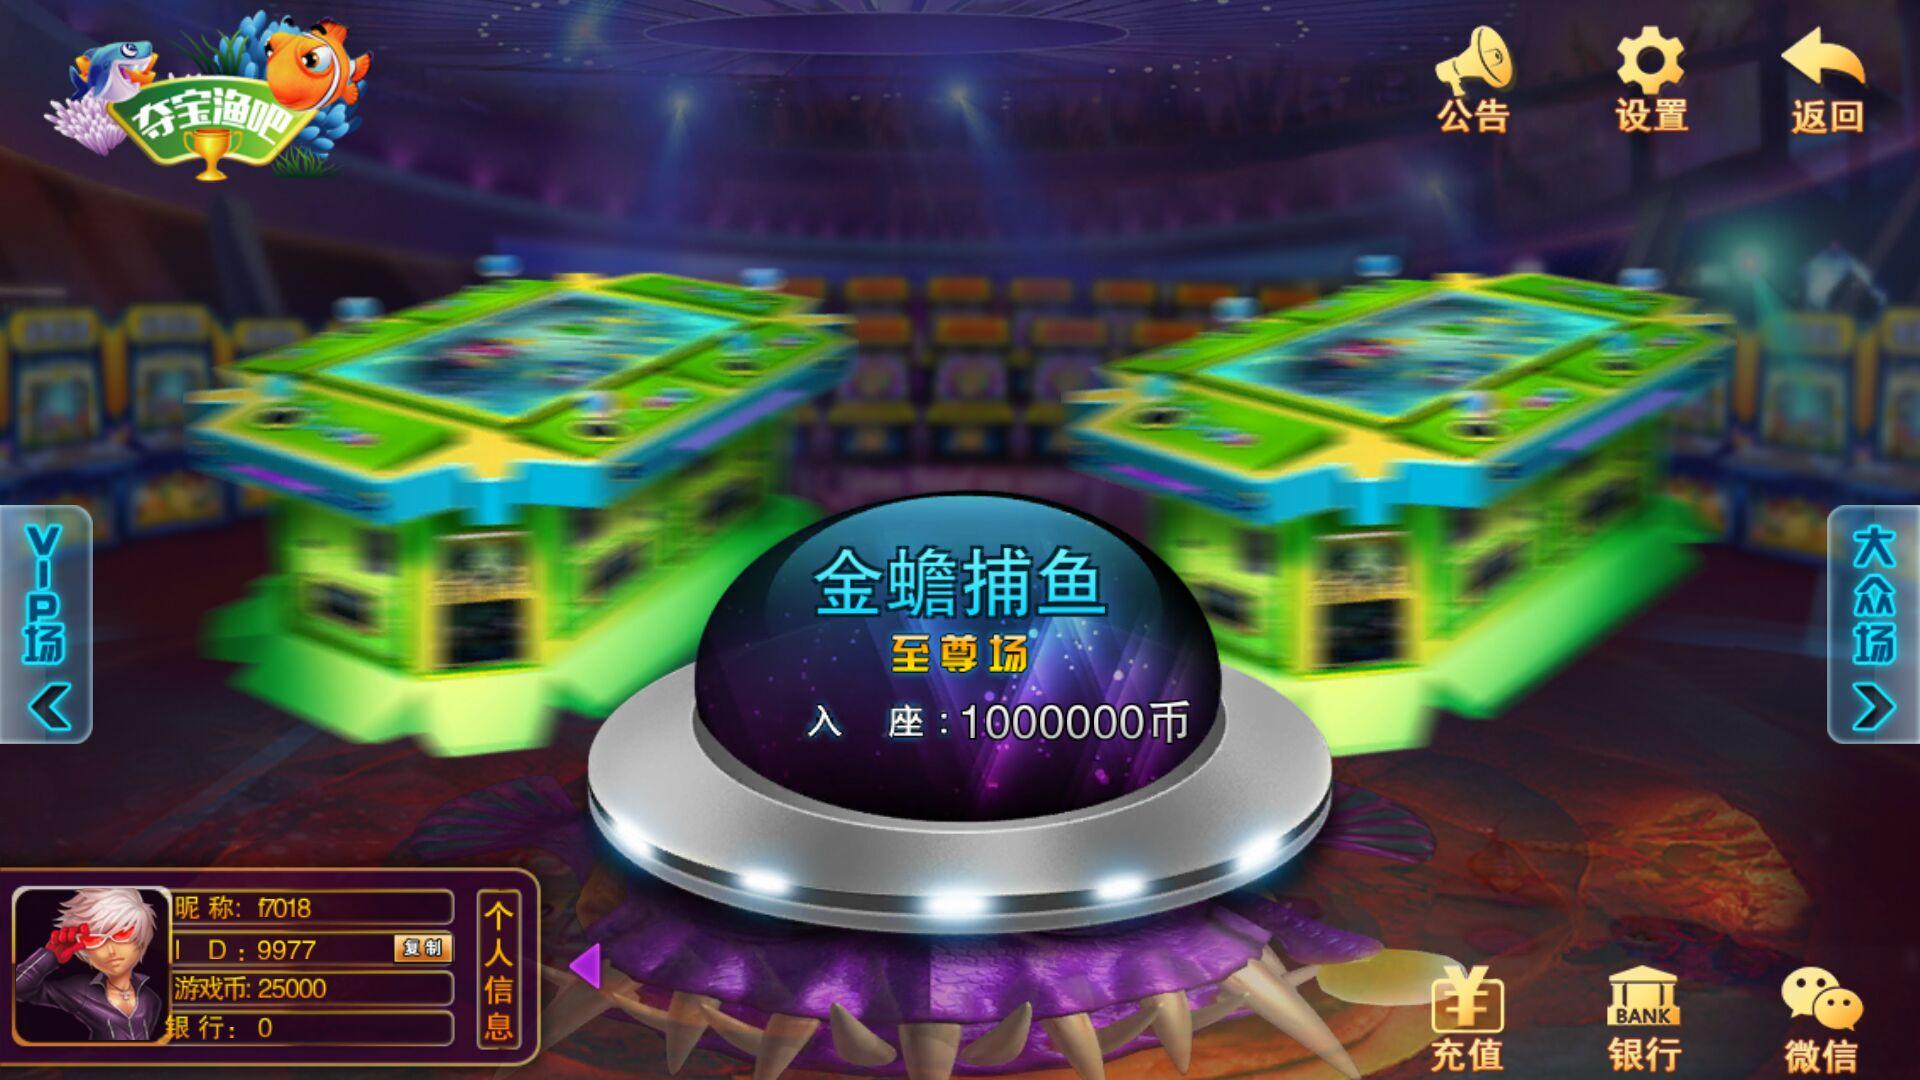 富贵电玩2代 海王2 富贵电玩修复版 修复微信登录 完美控制插图(3)